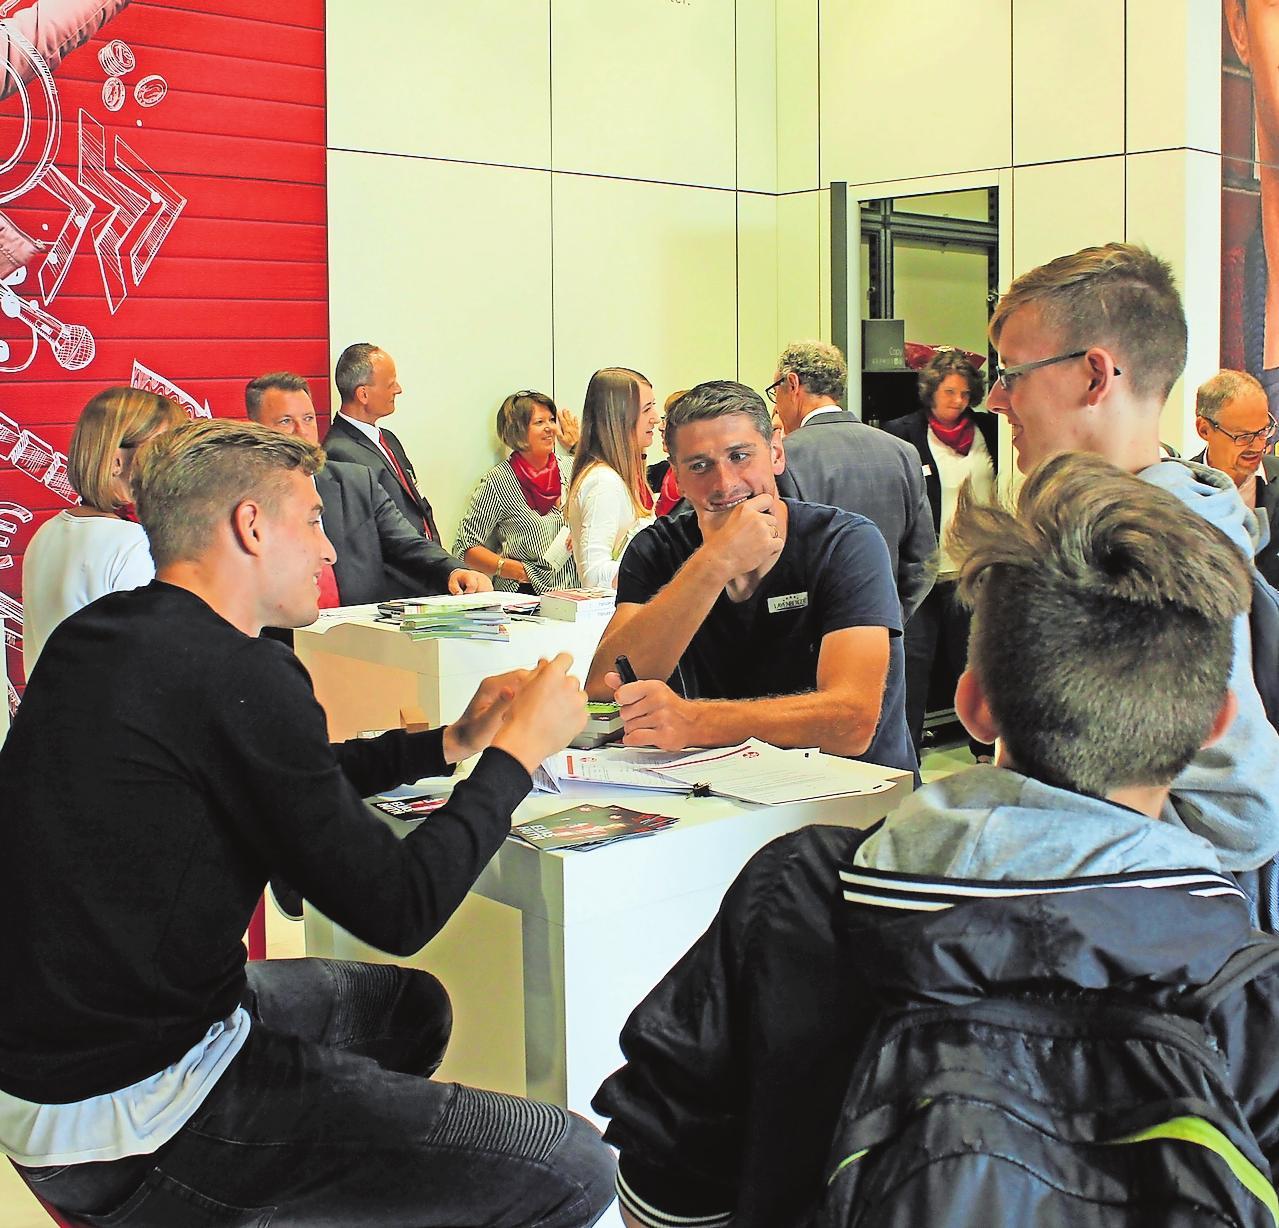 Zeigten sich bei der vergangenen Ausbildungsbörse fannah: die FCK-Spieler Elias Huth (links) und Wolfgang Hesl bei der Autogrammstunde. FOTO: MONIKA KLEIN